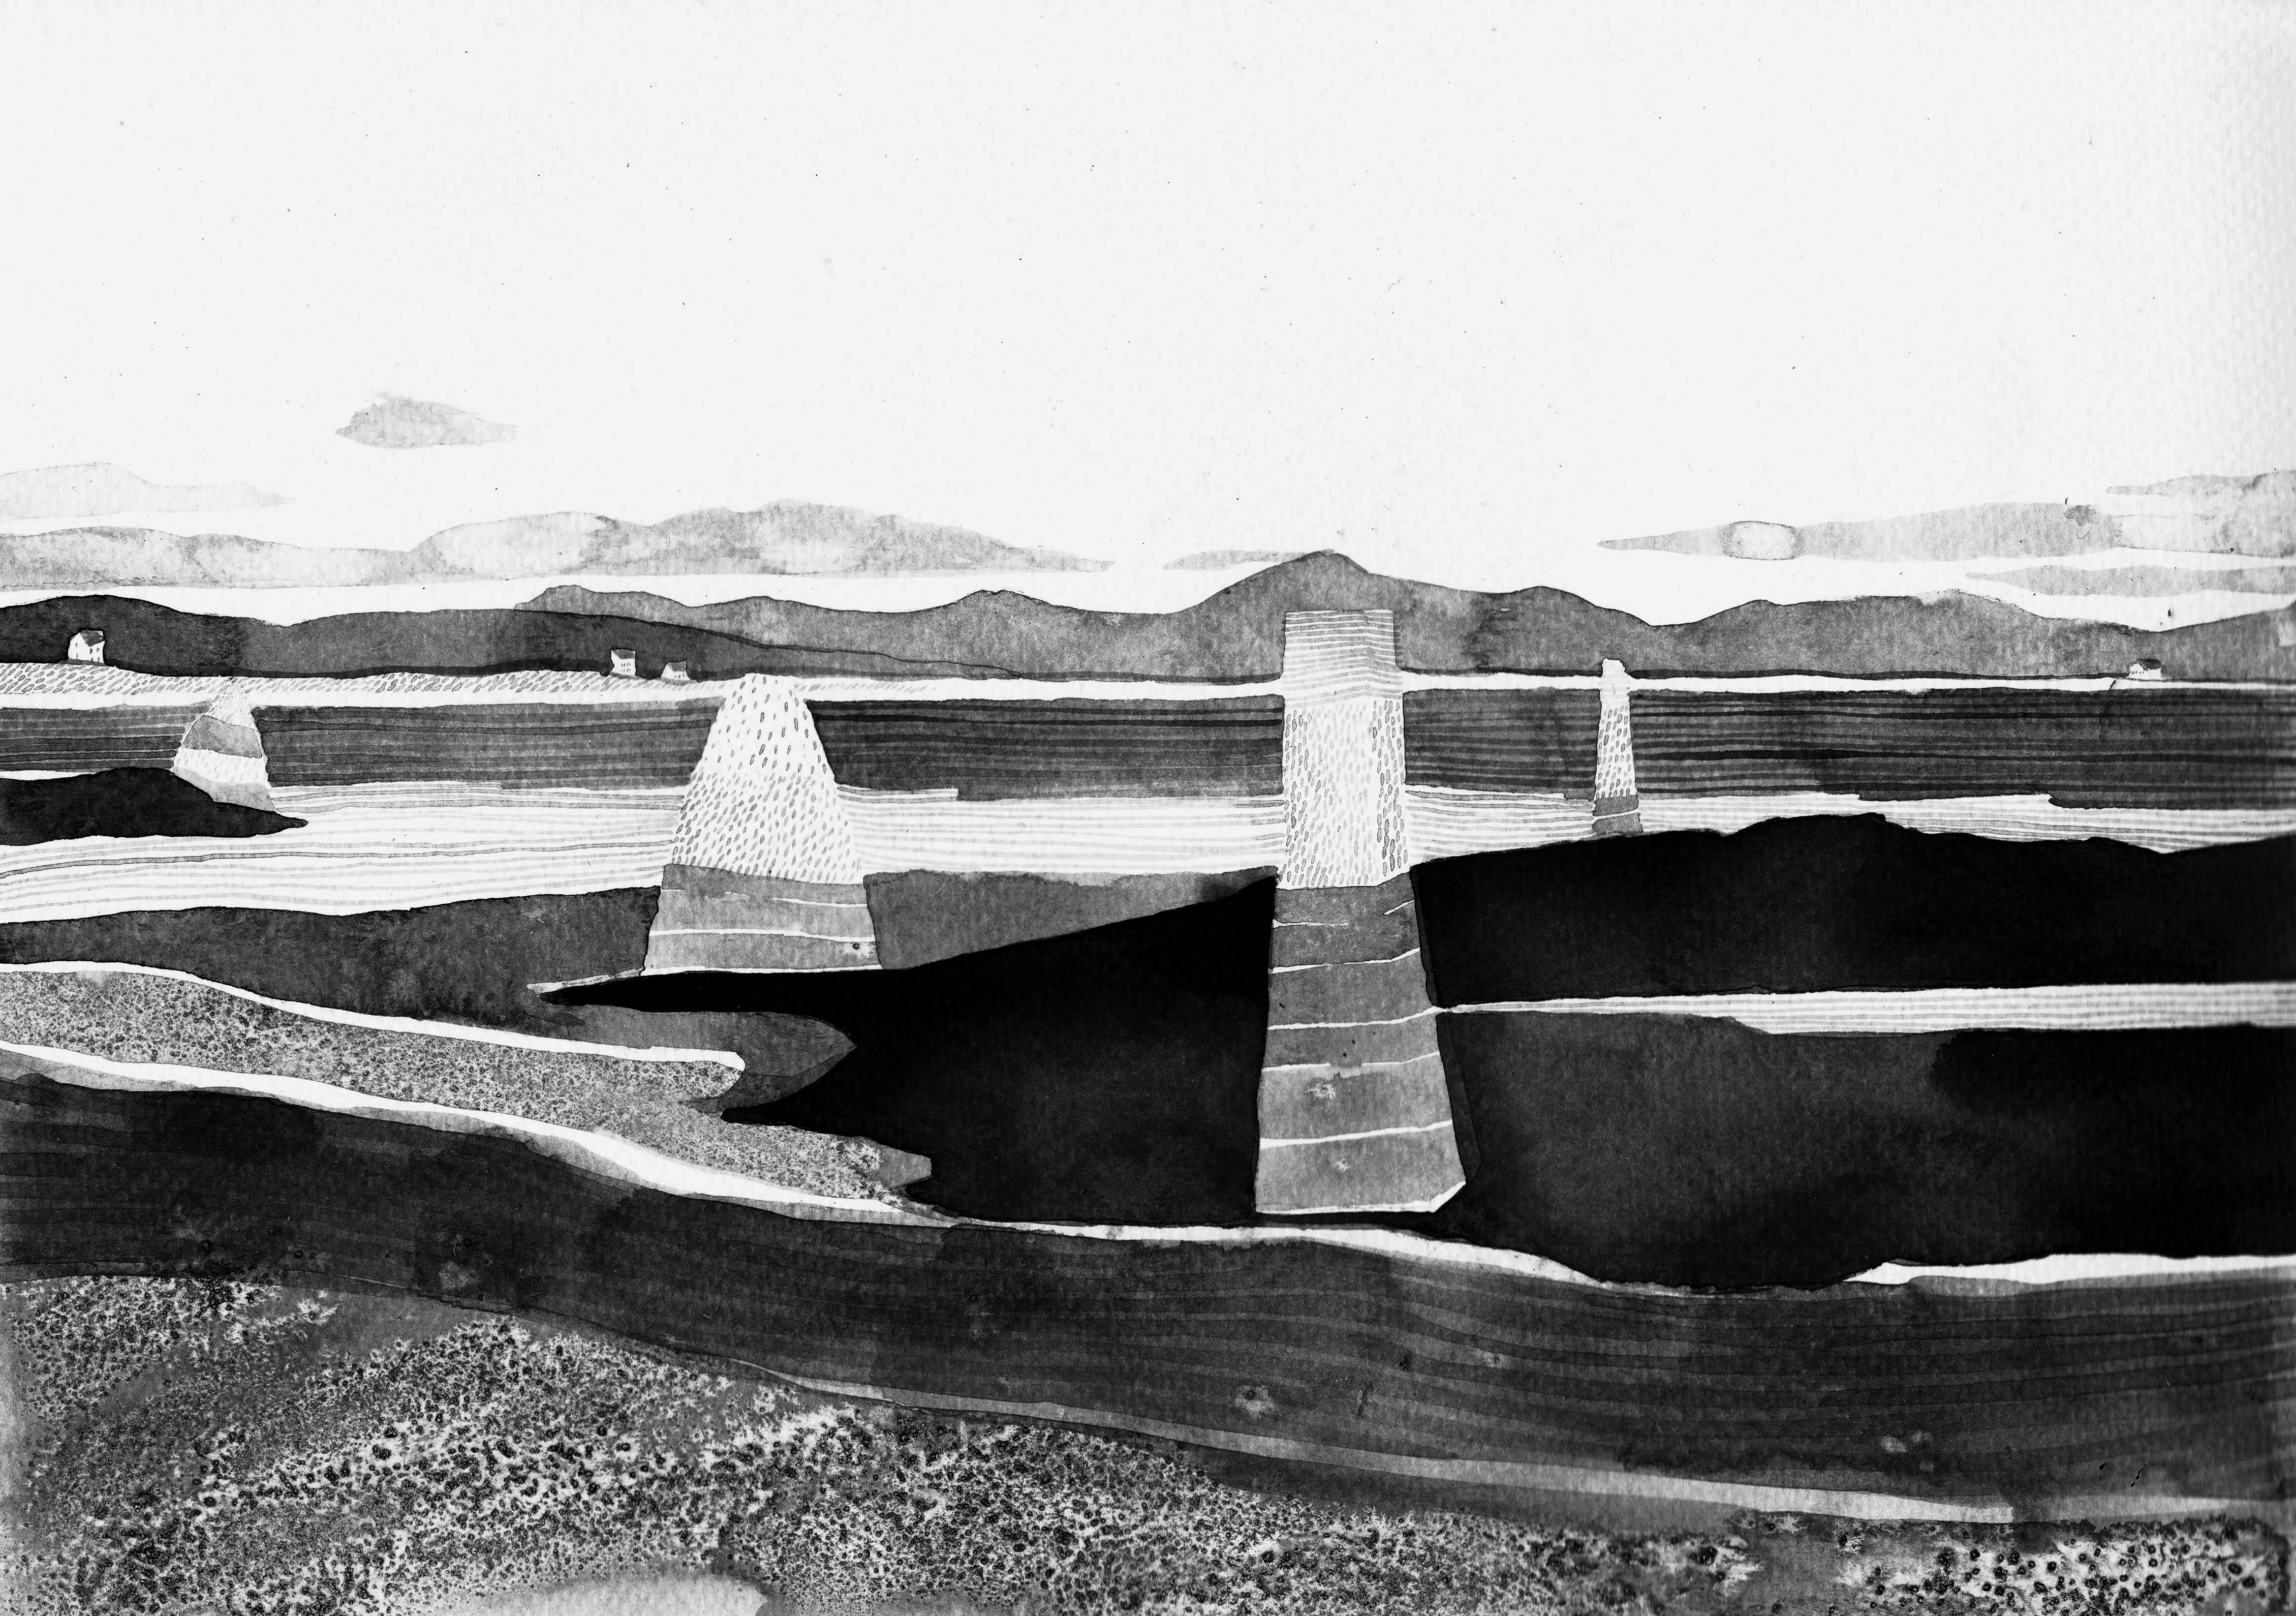 Aran Island III